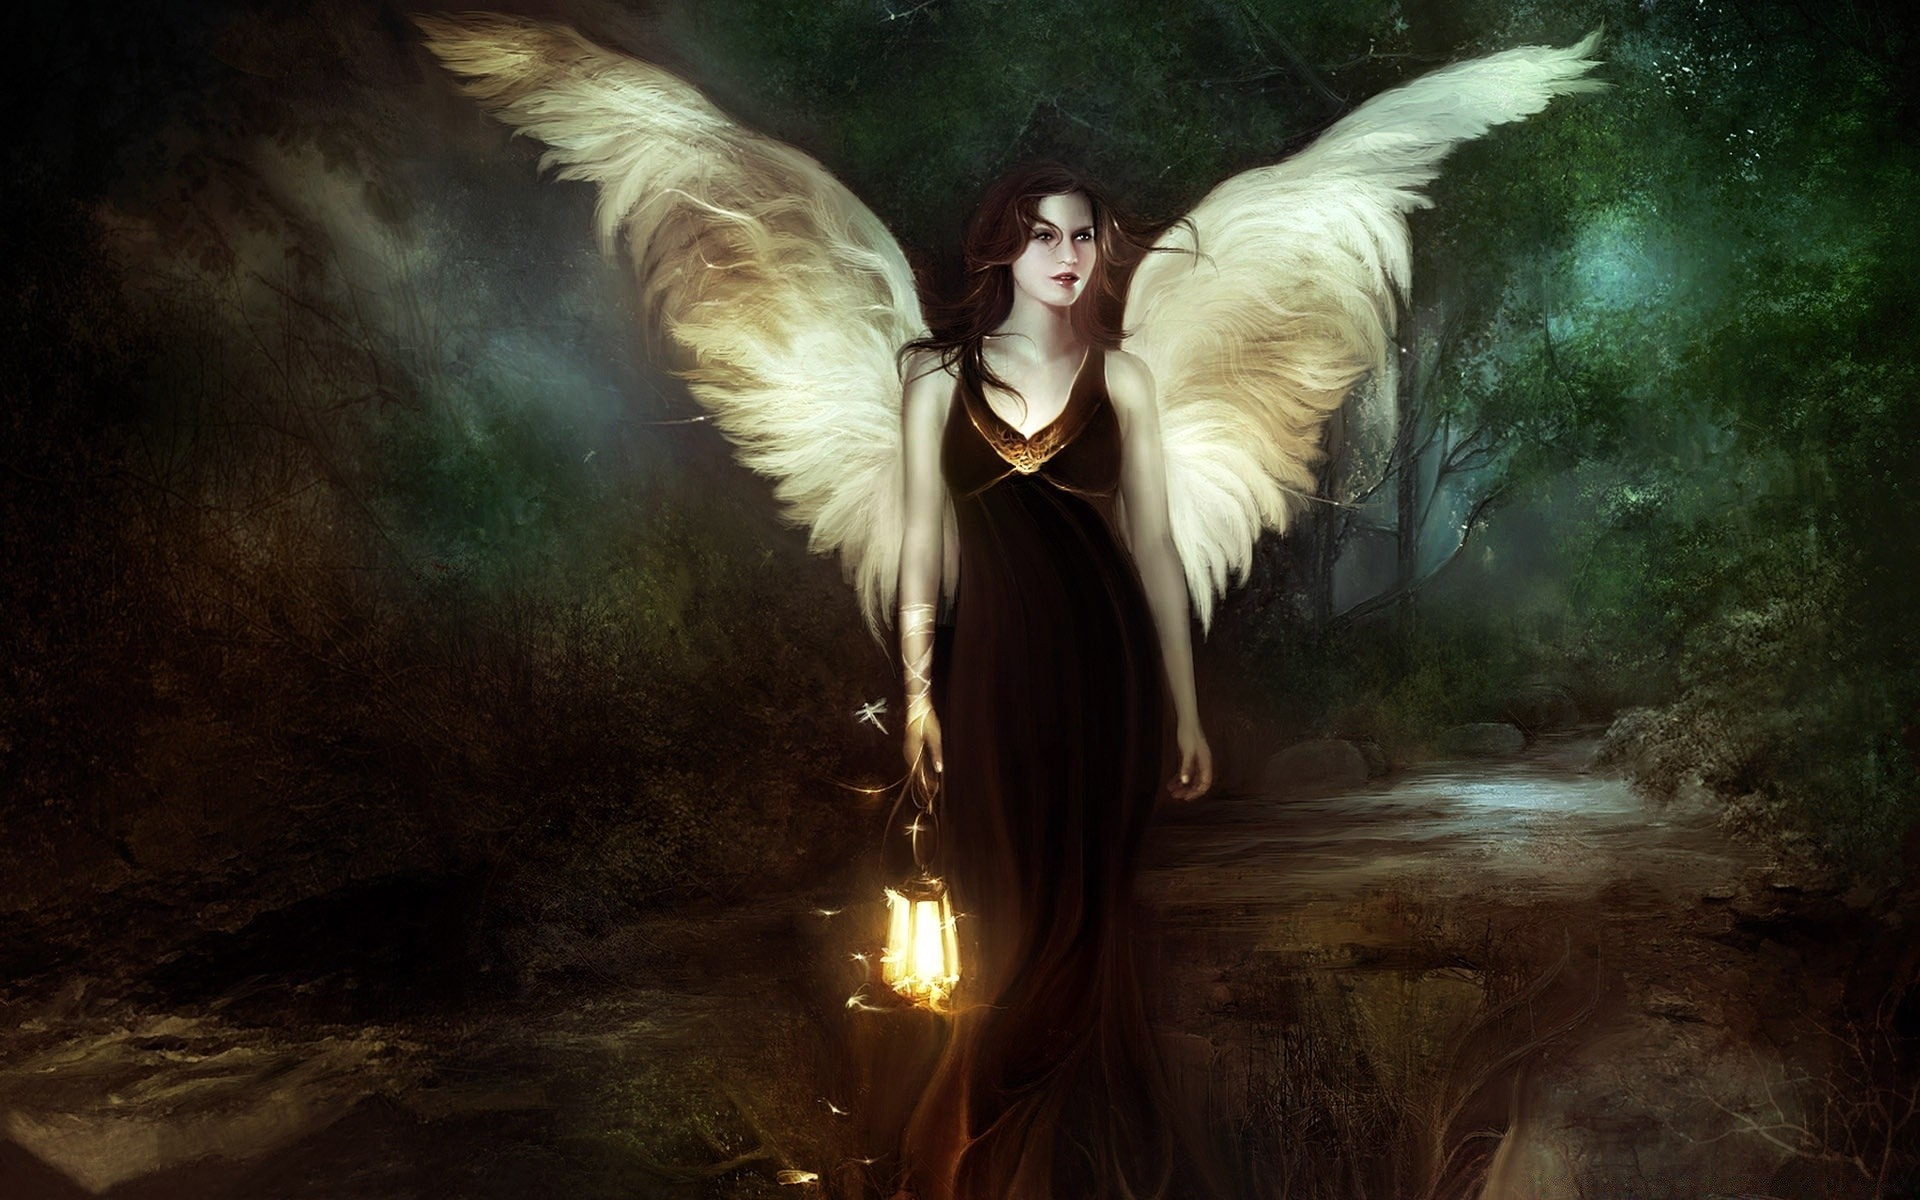 Обои на рабочий стол девушек ангелов